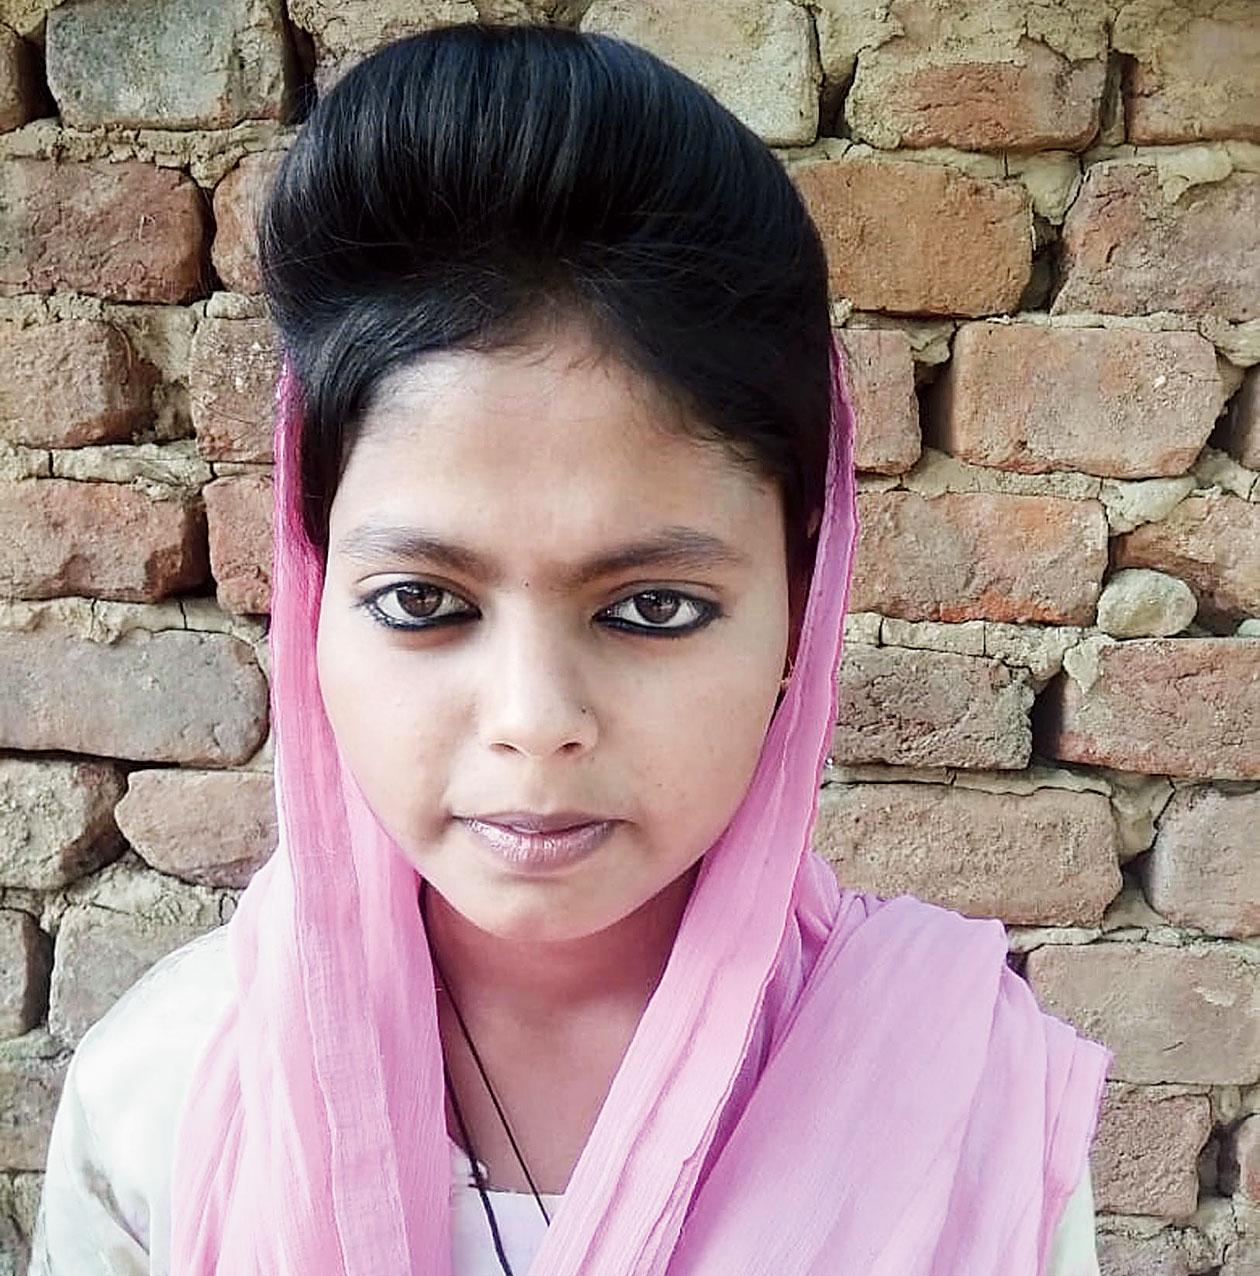 Roshan Ara in Ranchi on Thursday.